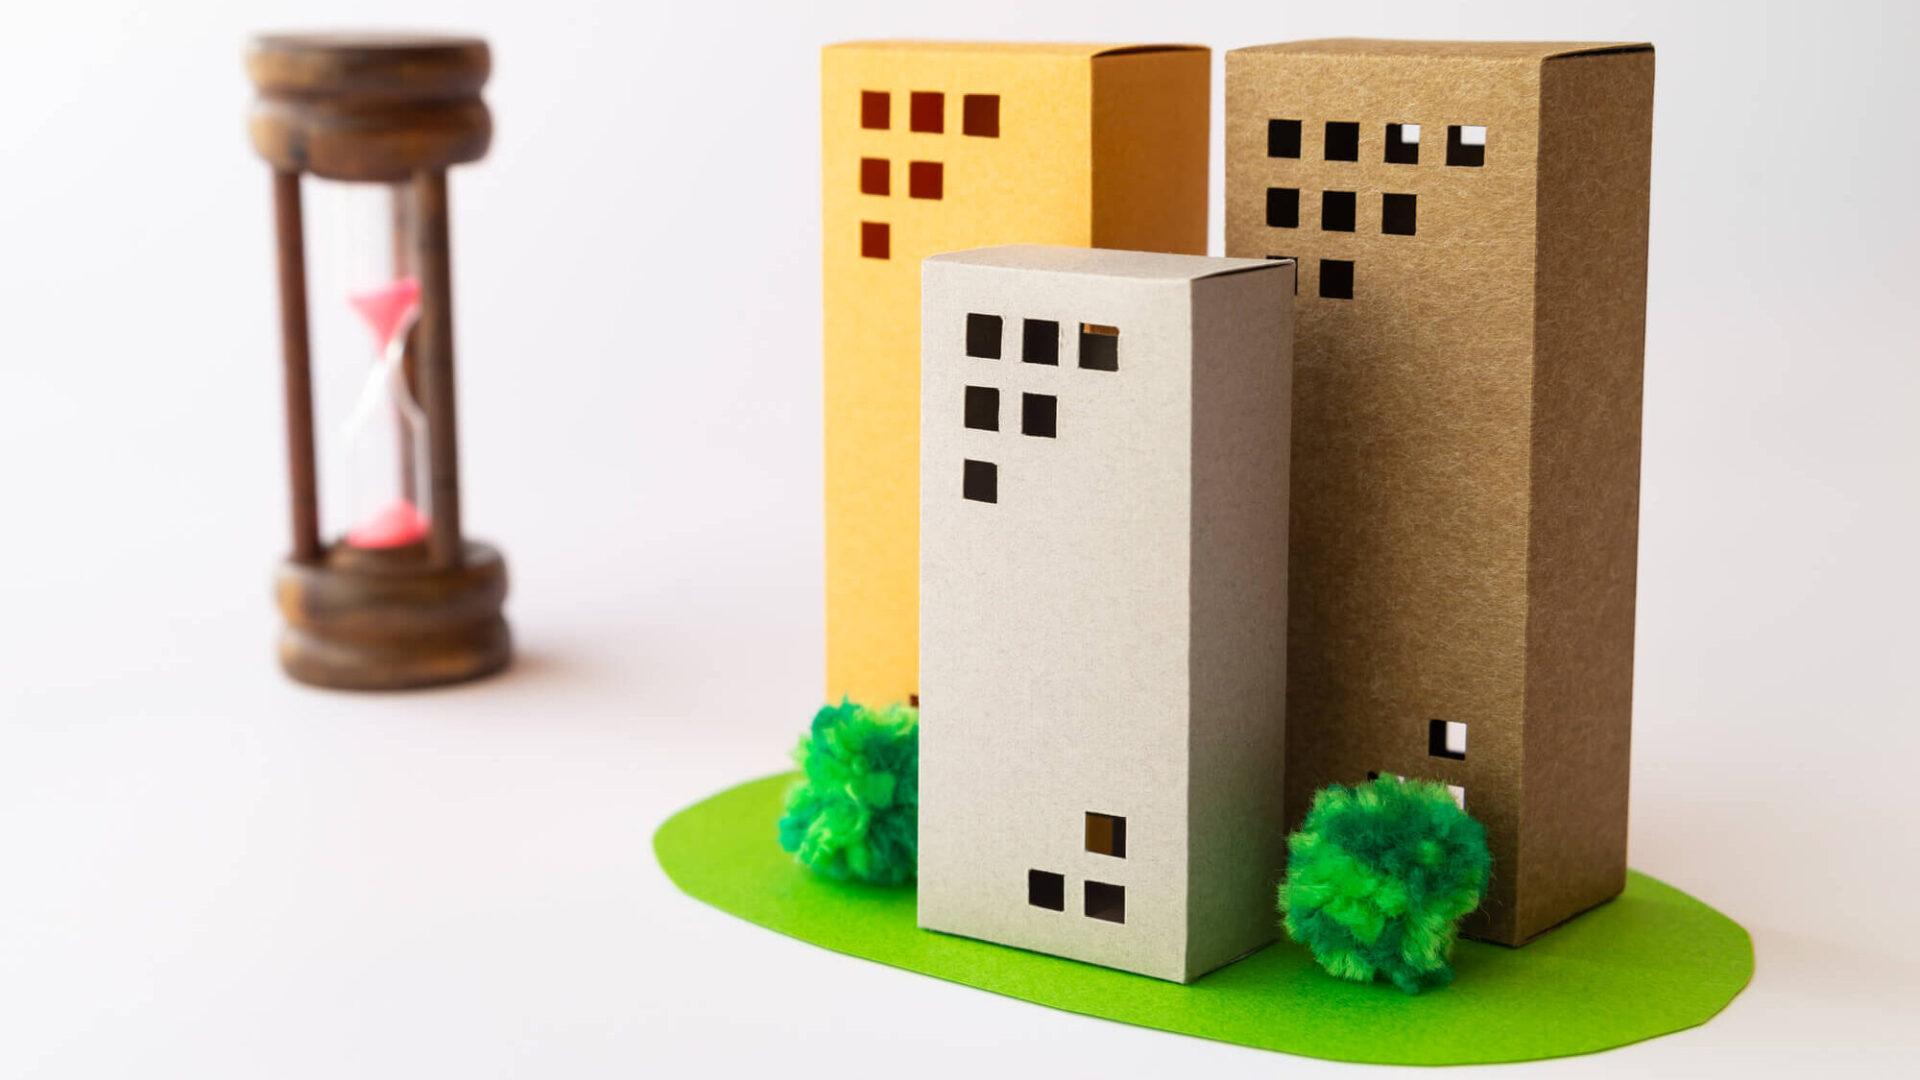 砂時計とマンションの模型